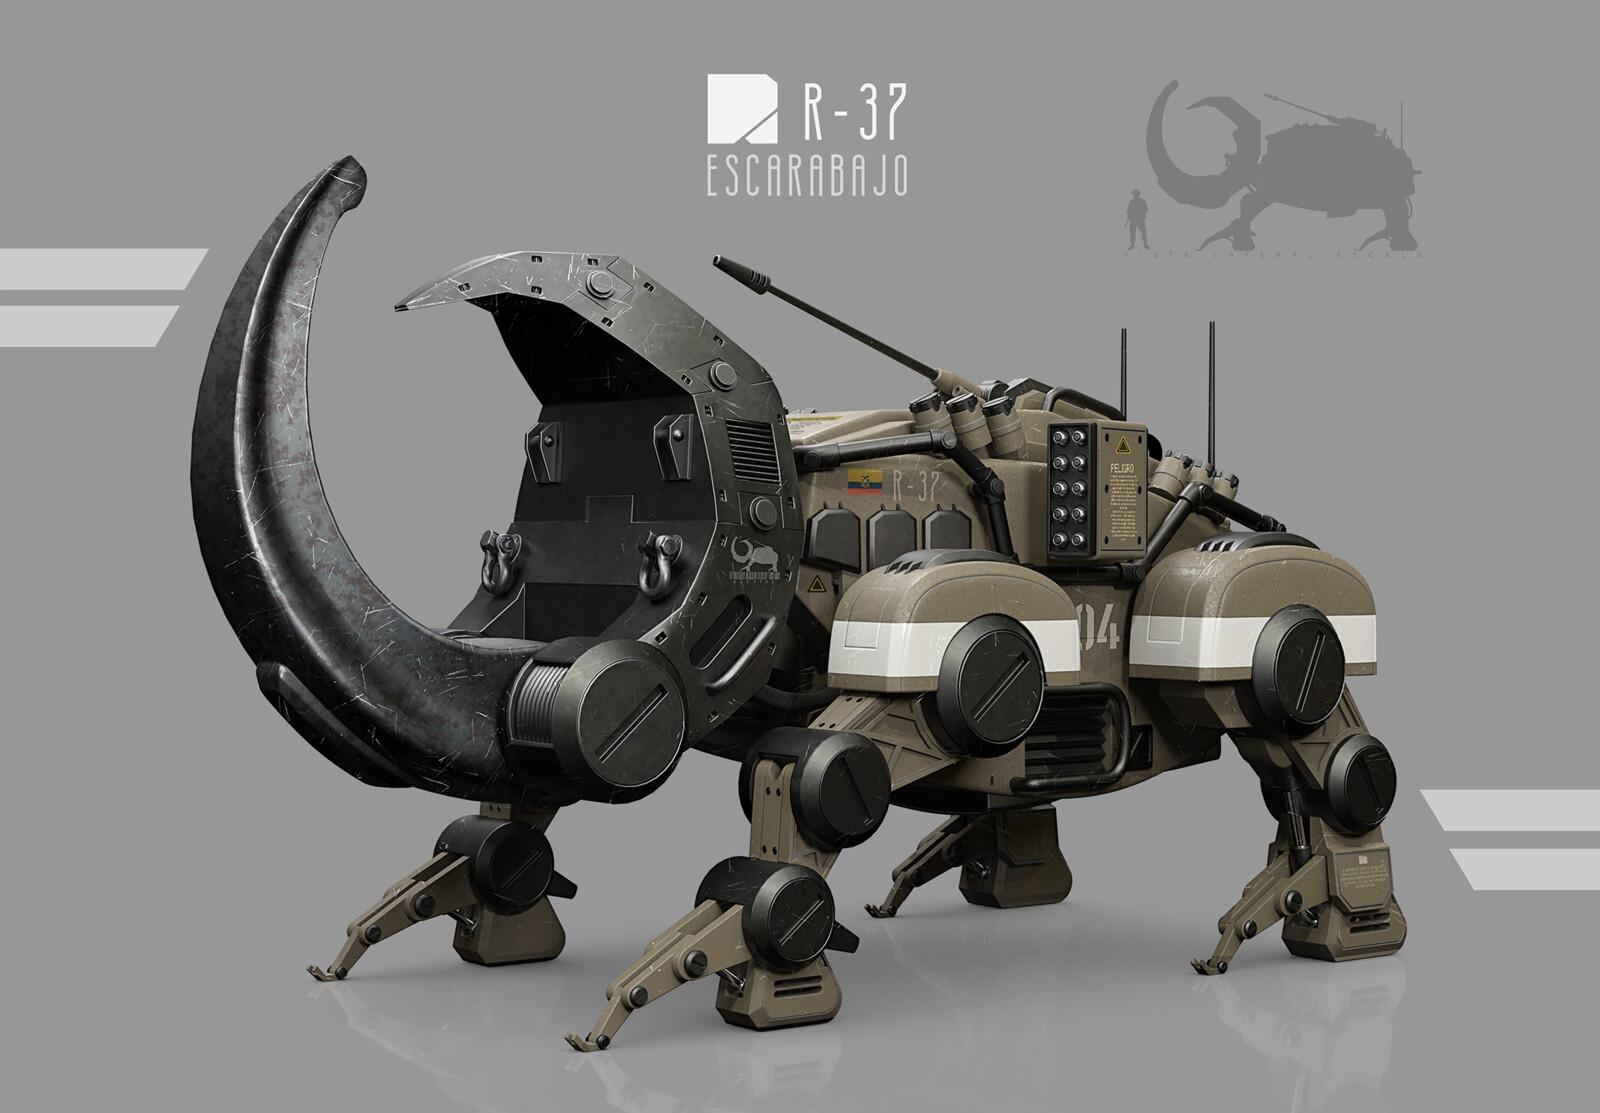 R-37 ESCARABAJO